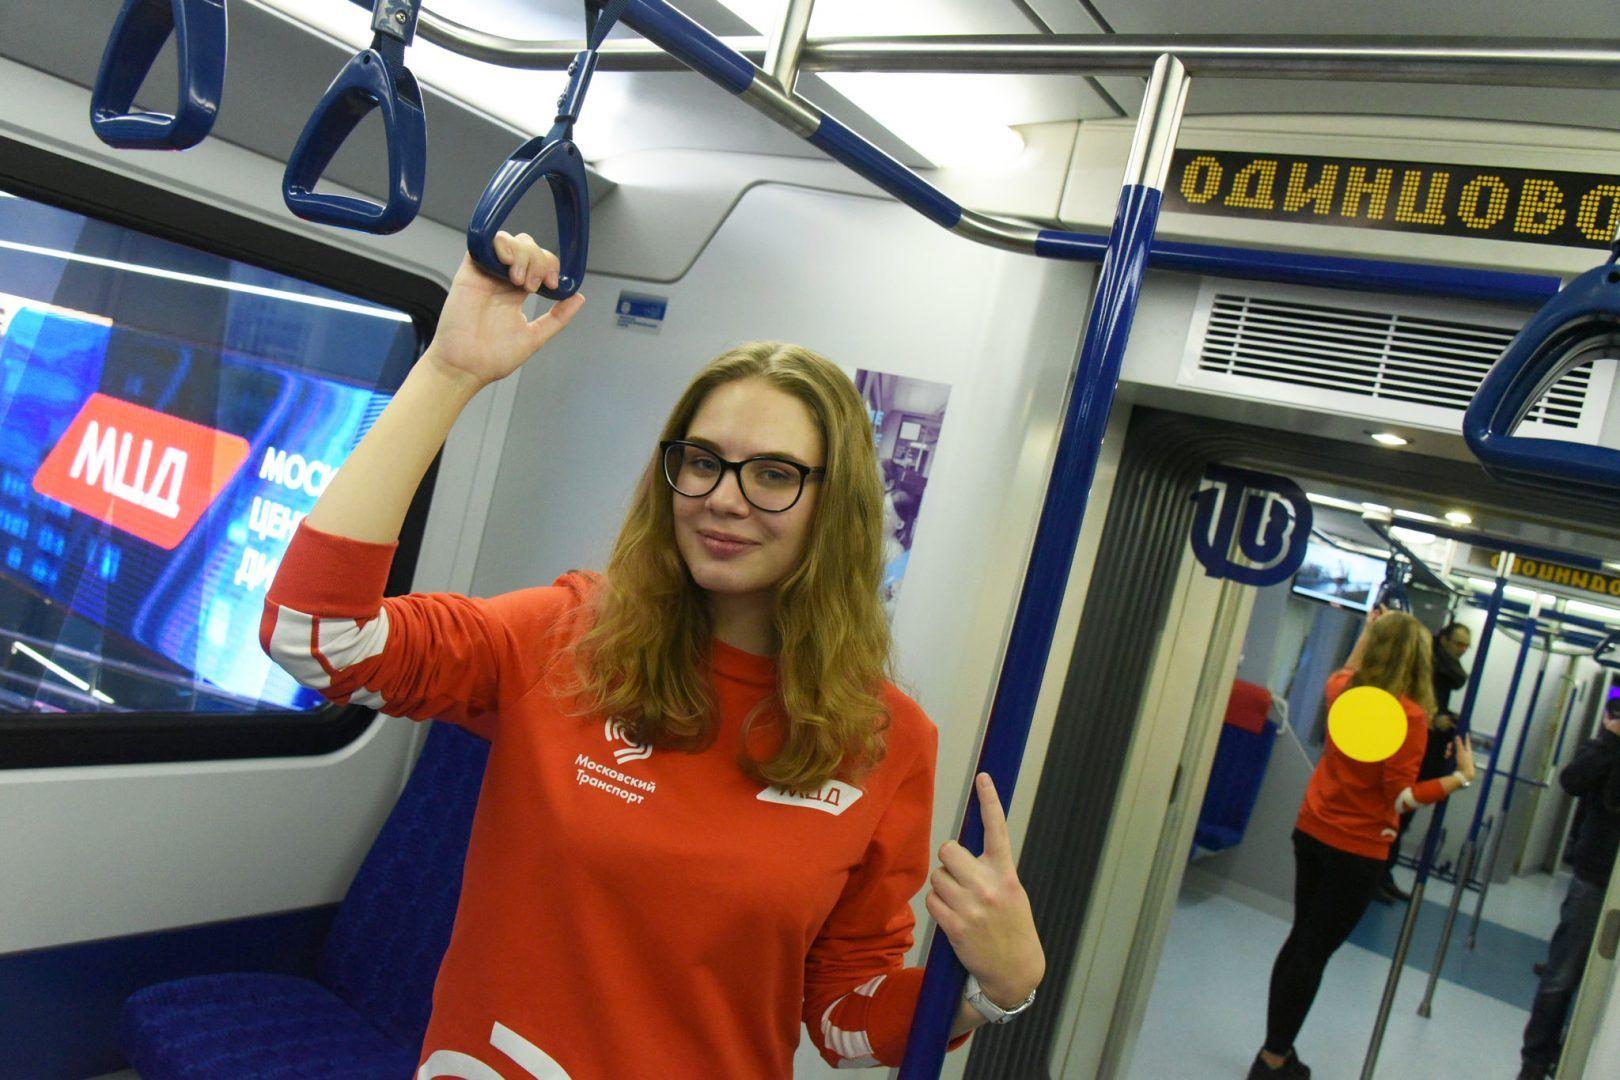 Трафик на МЦД может составить 90 миллионов пассажиров в год. Фото: Владимир Новиков